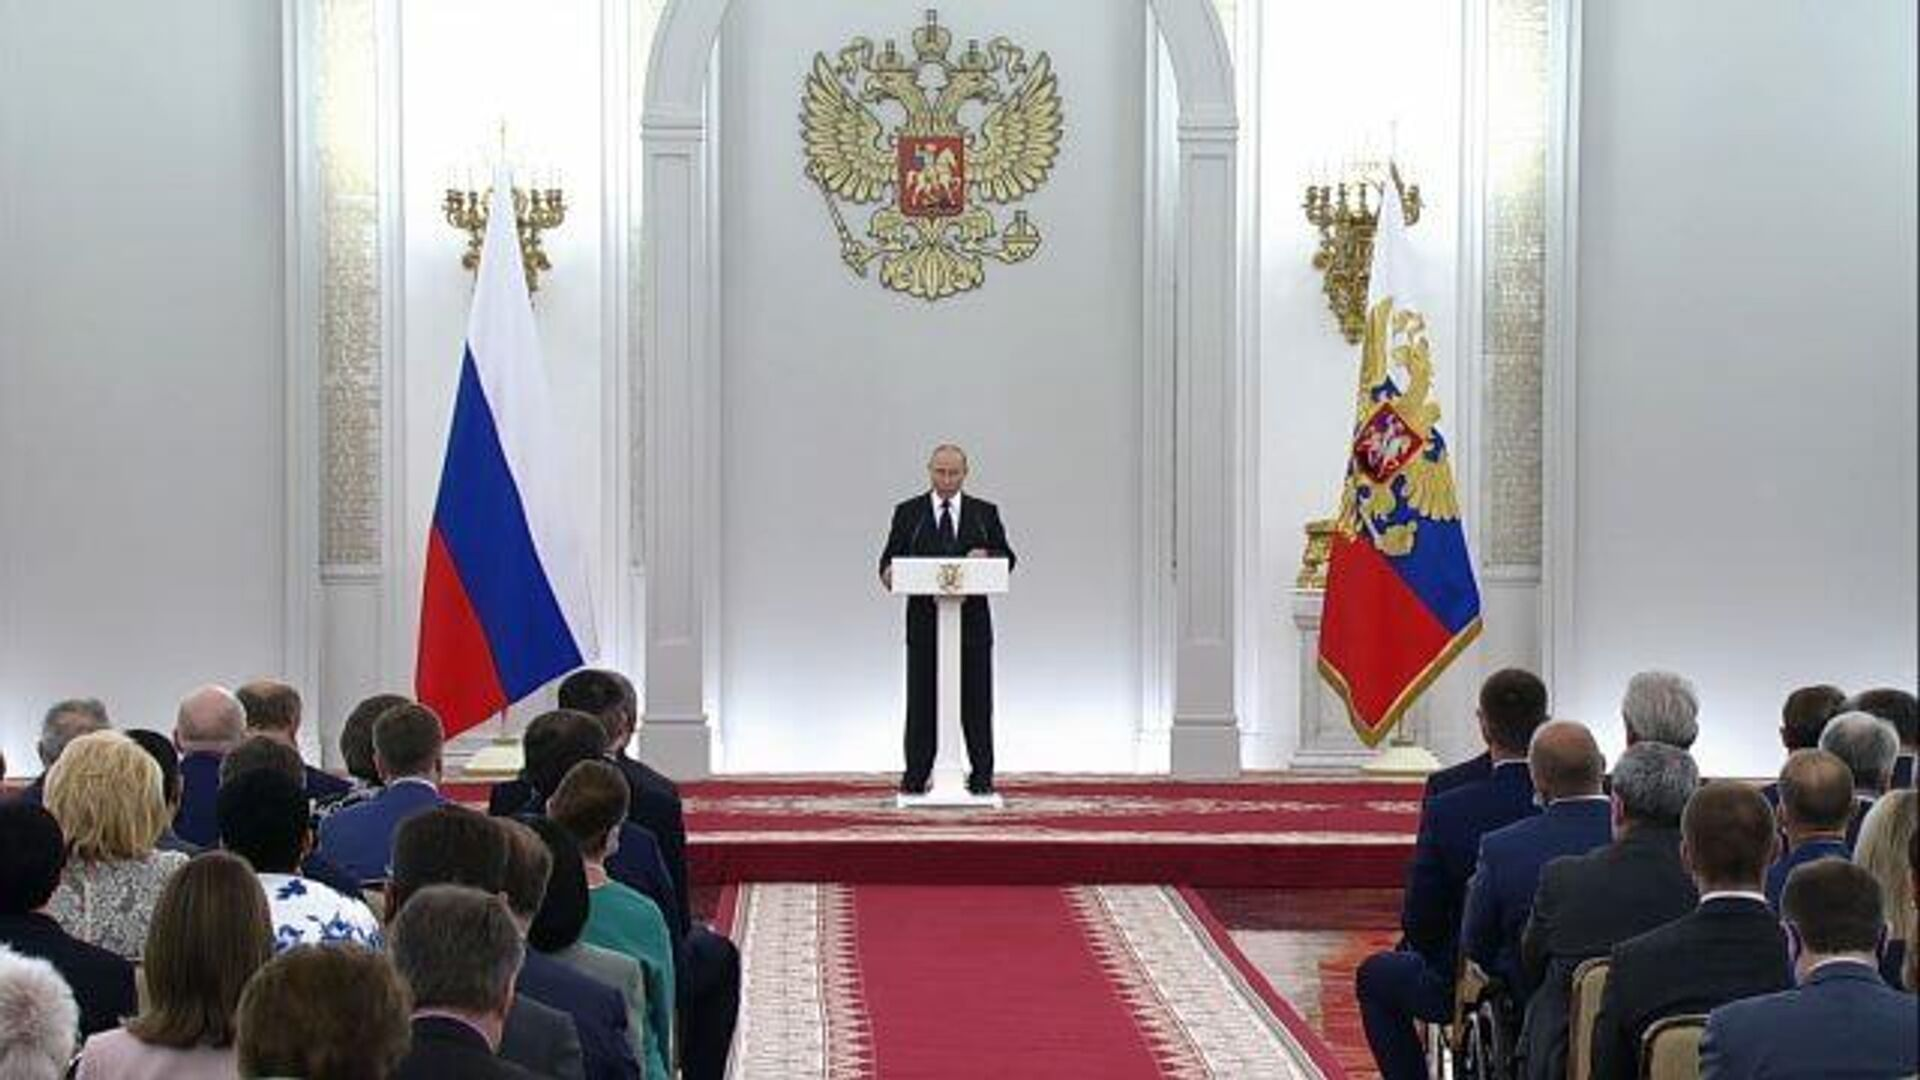 Думать, заботиться о людях – Путин назвал главные задачи парламента - РИА Новости, 1920, 21.06.2021